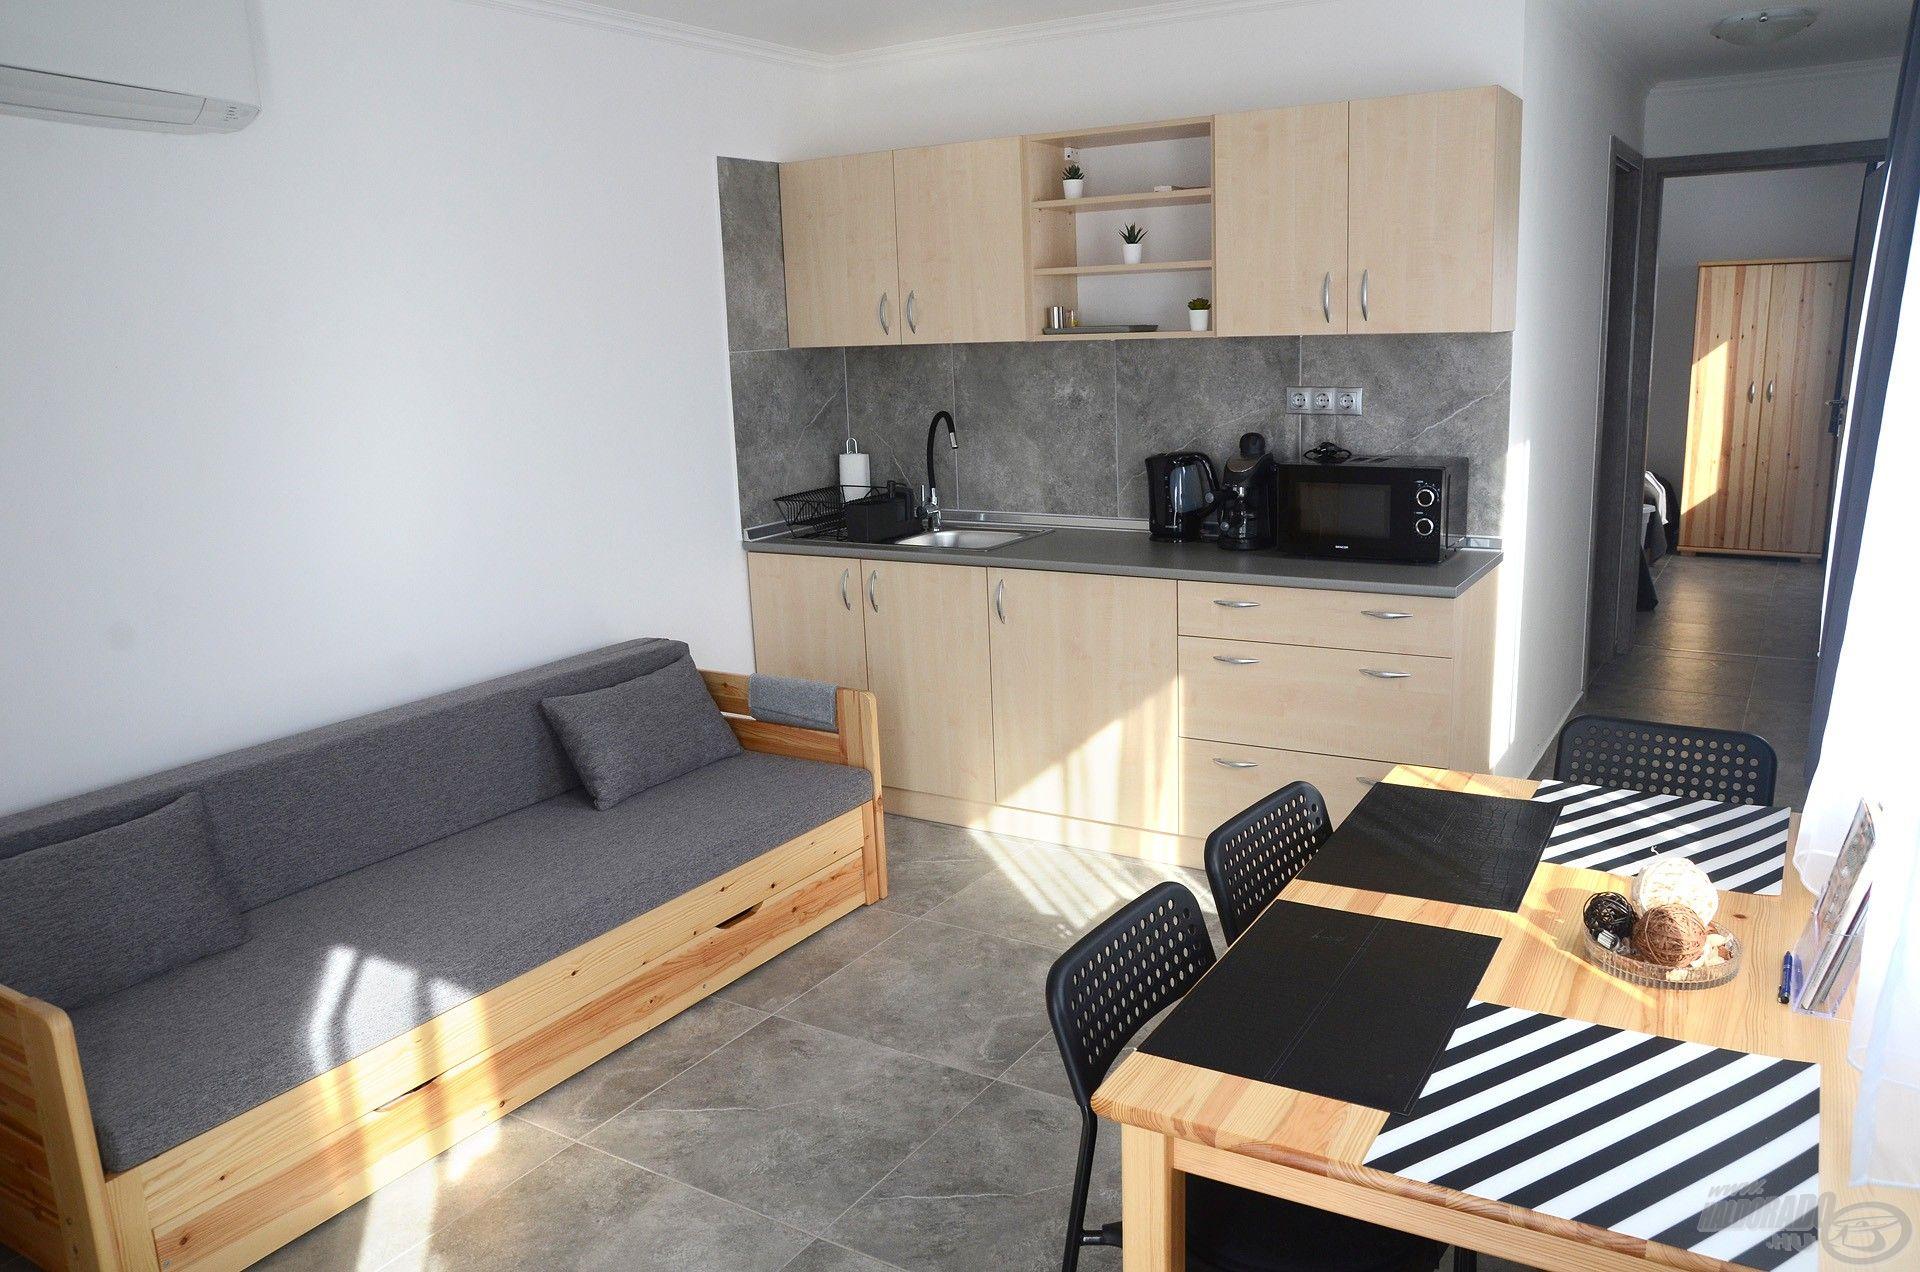 A másik helység a nappali - konyha - étkező együttese, 2 személy itt is tud aludni az ággyá alakítható kanapén